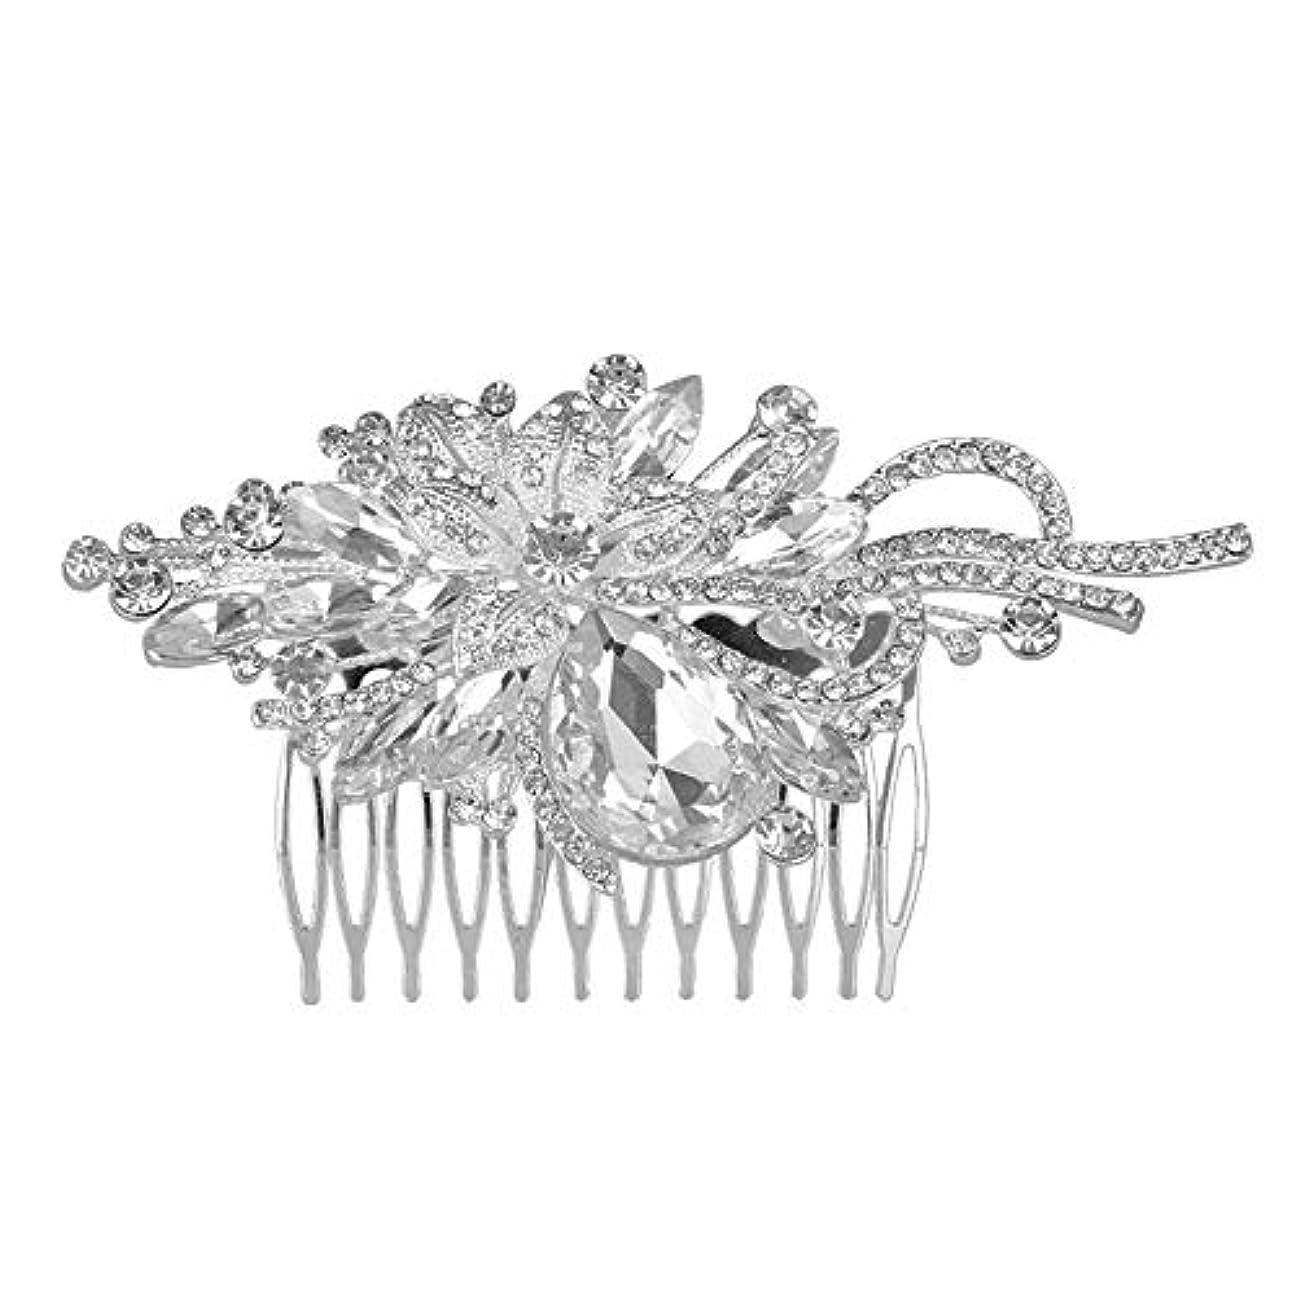 部分チーズマント髪の櫛挿入櫛花嫁の髪櫛クラウン髪の櫛結婚式のアクセサリー葉の髪の櫛ラインストーンの髪の櫛ブライダルヘッドドレス